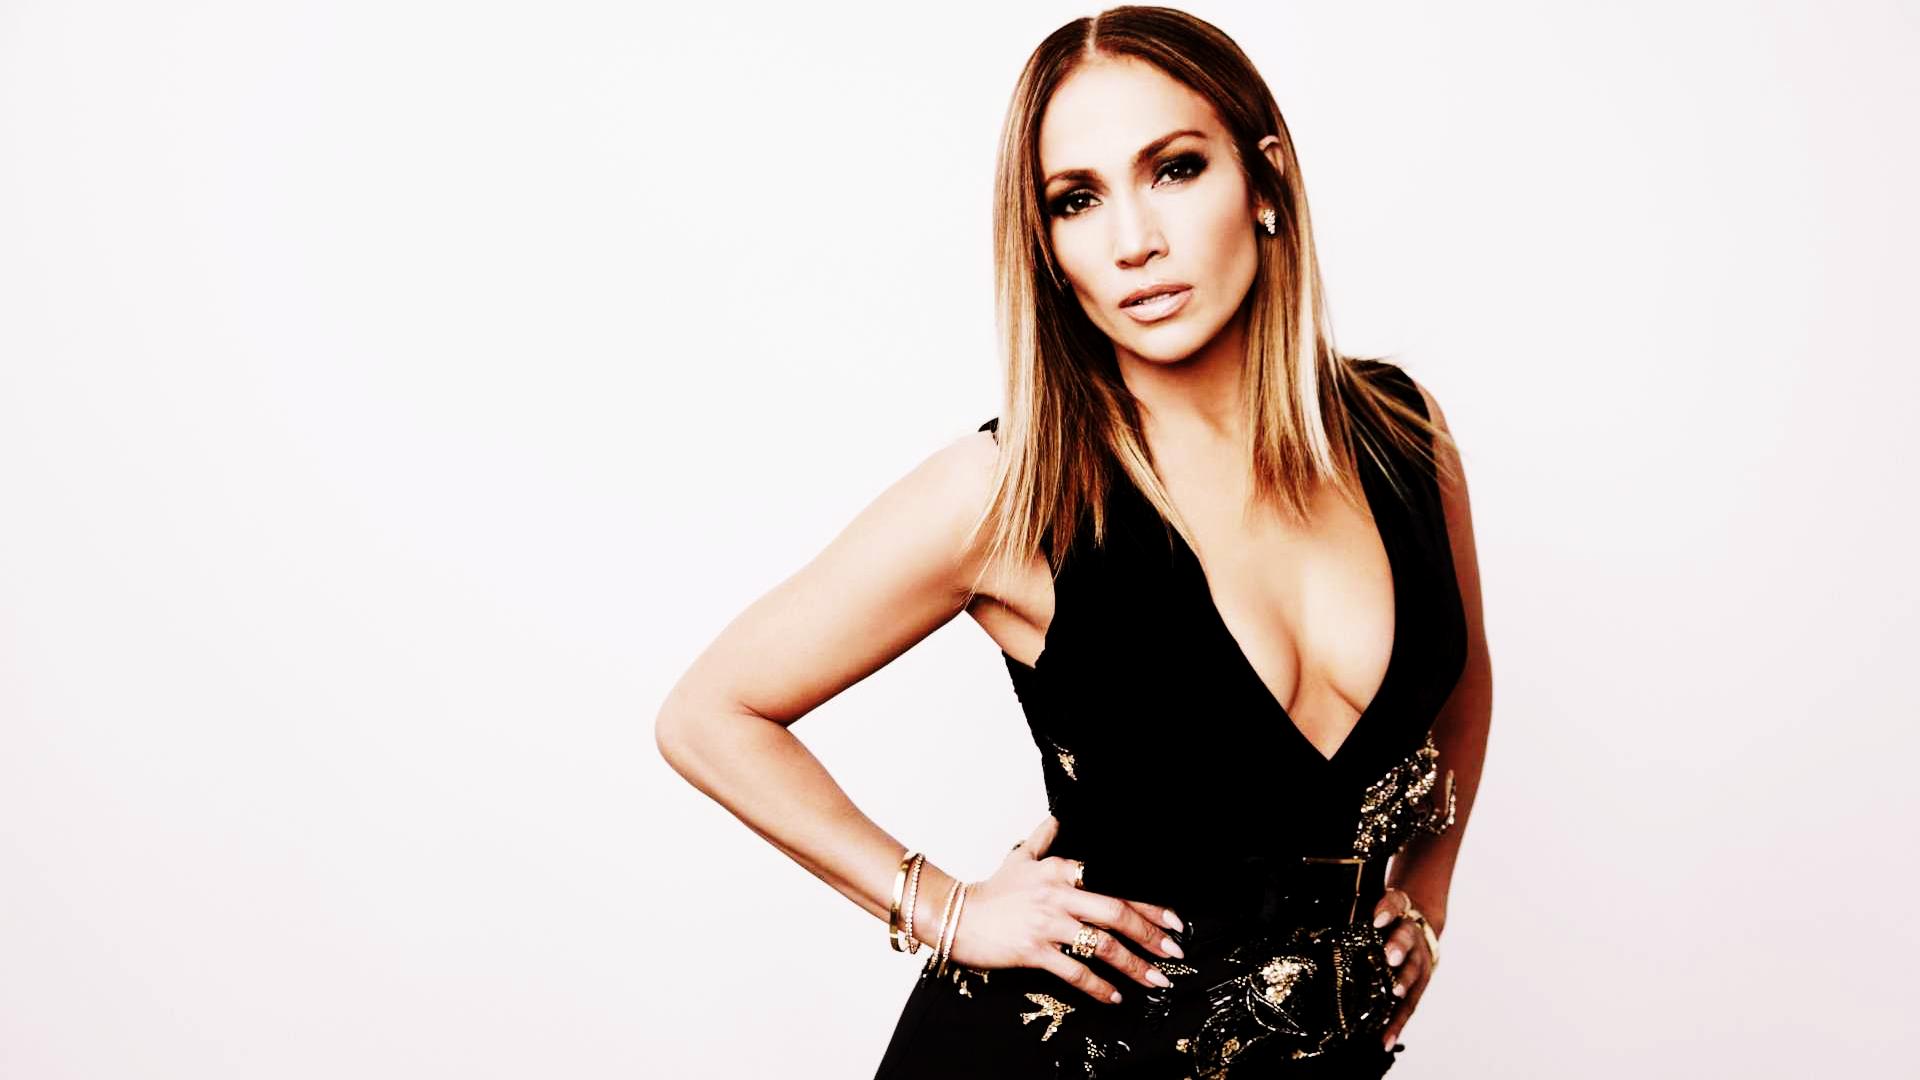 Jlo Por Maarten De Boer 2018 Photoshoot Jennifer Lopez